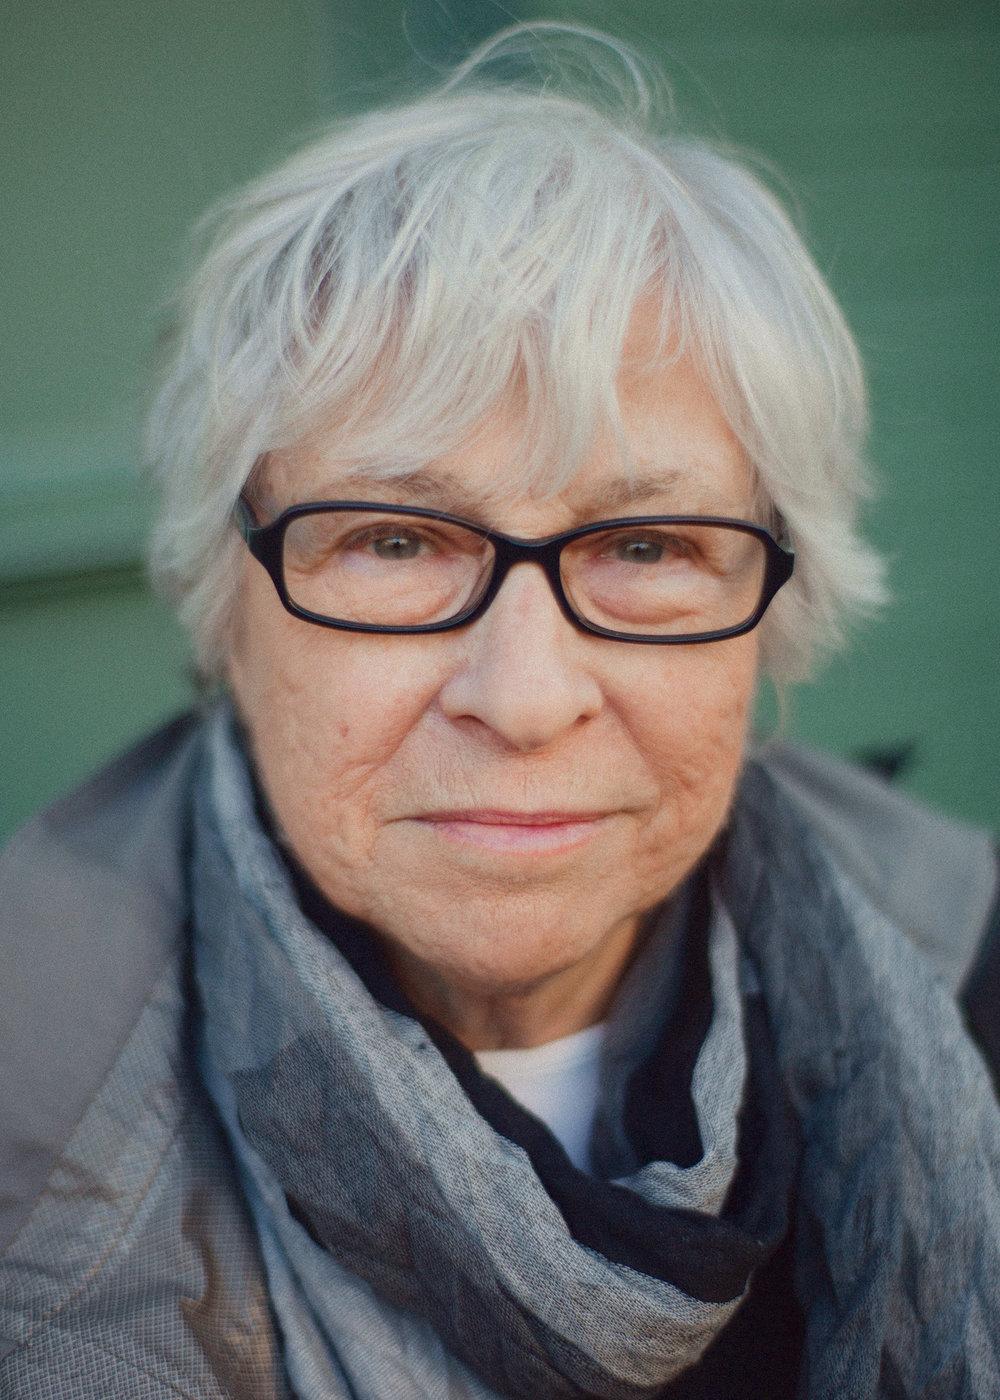 Maxine Skurka